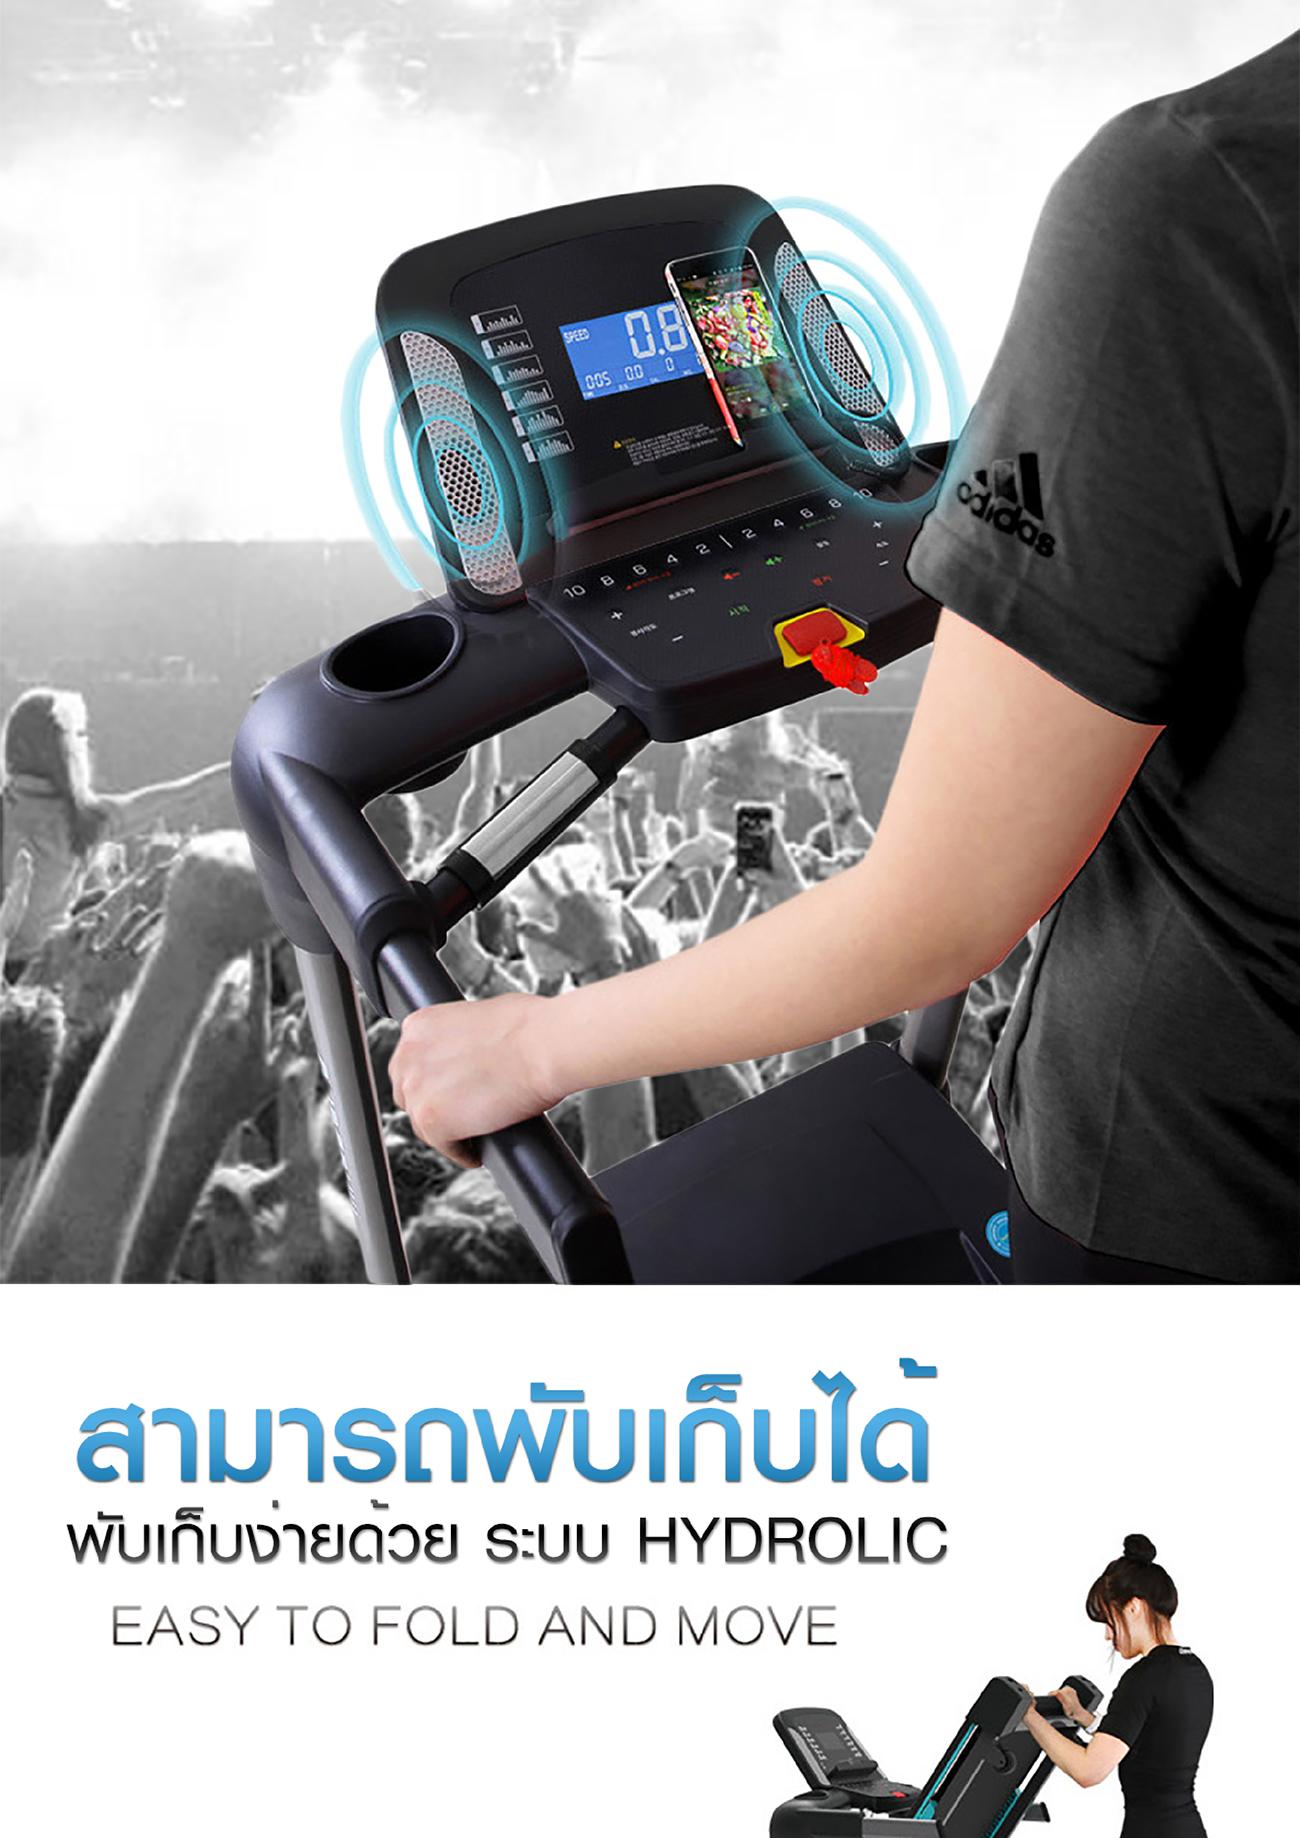 ลู่วิ่งไฟฟ้า 360องศา ฟิตเนส รุ่น X1 - 2.5 HP motor